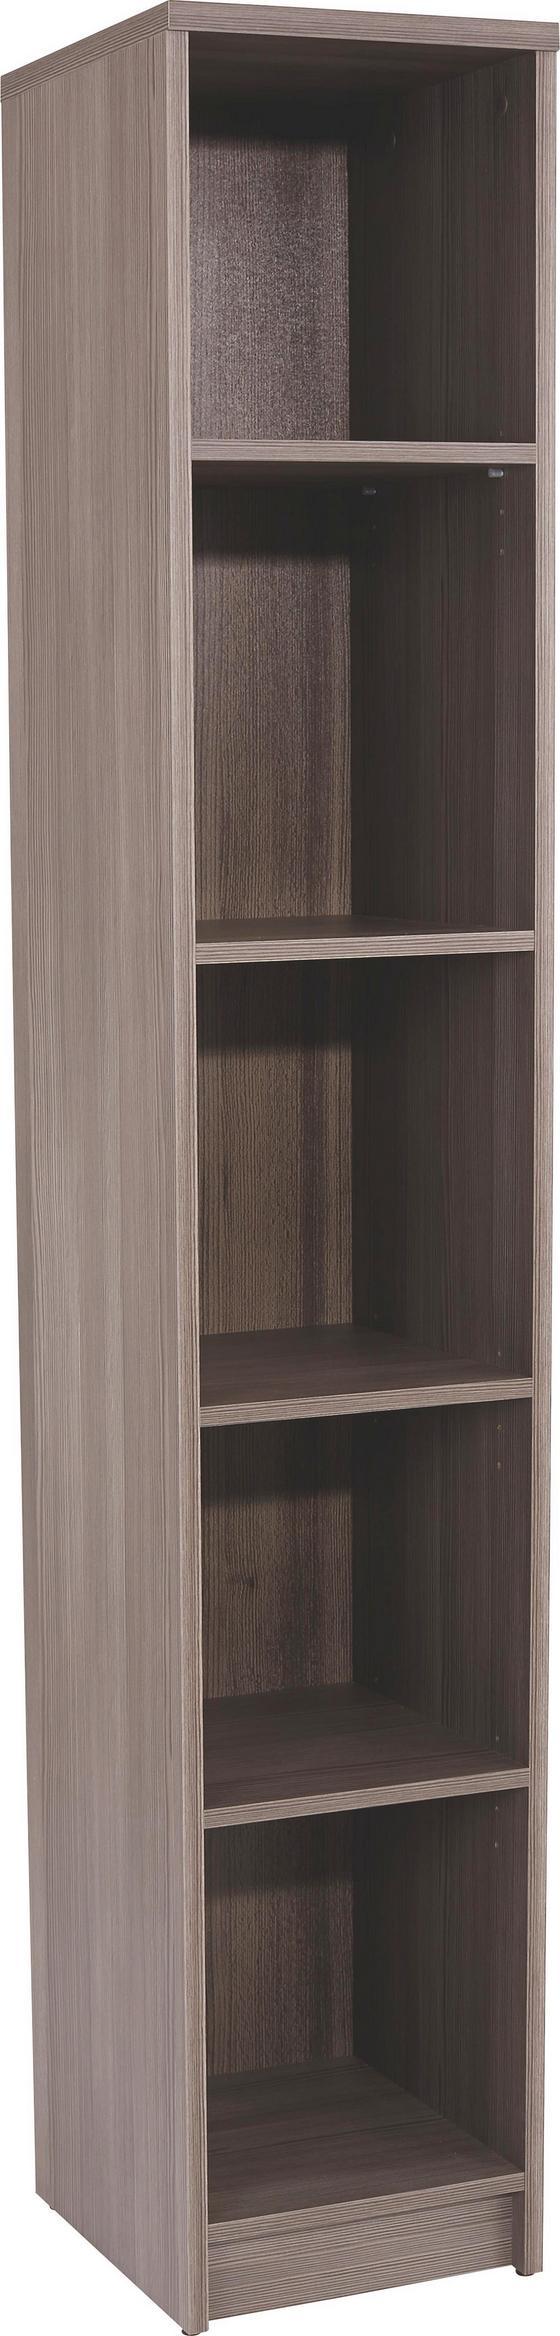 Regál 4-you Yur06 - tmavě hnědá, Moderní, dřevěný materiál (30/189,5/34,6cm)